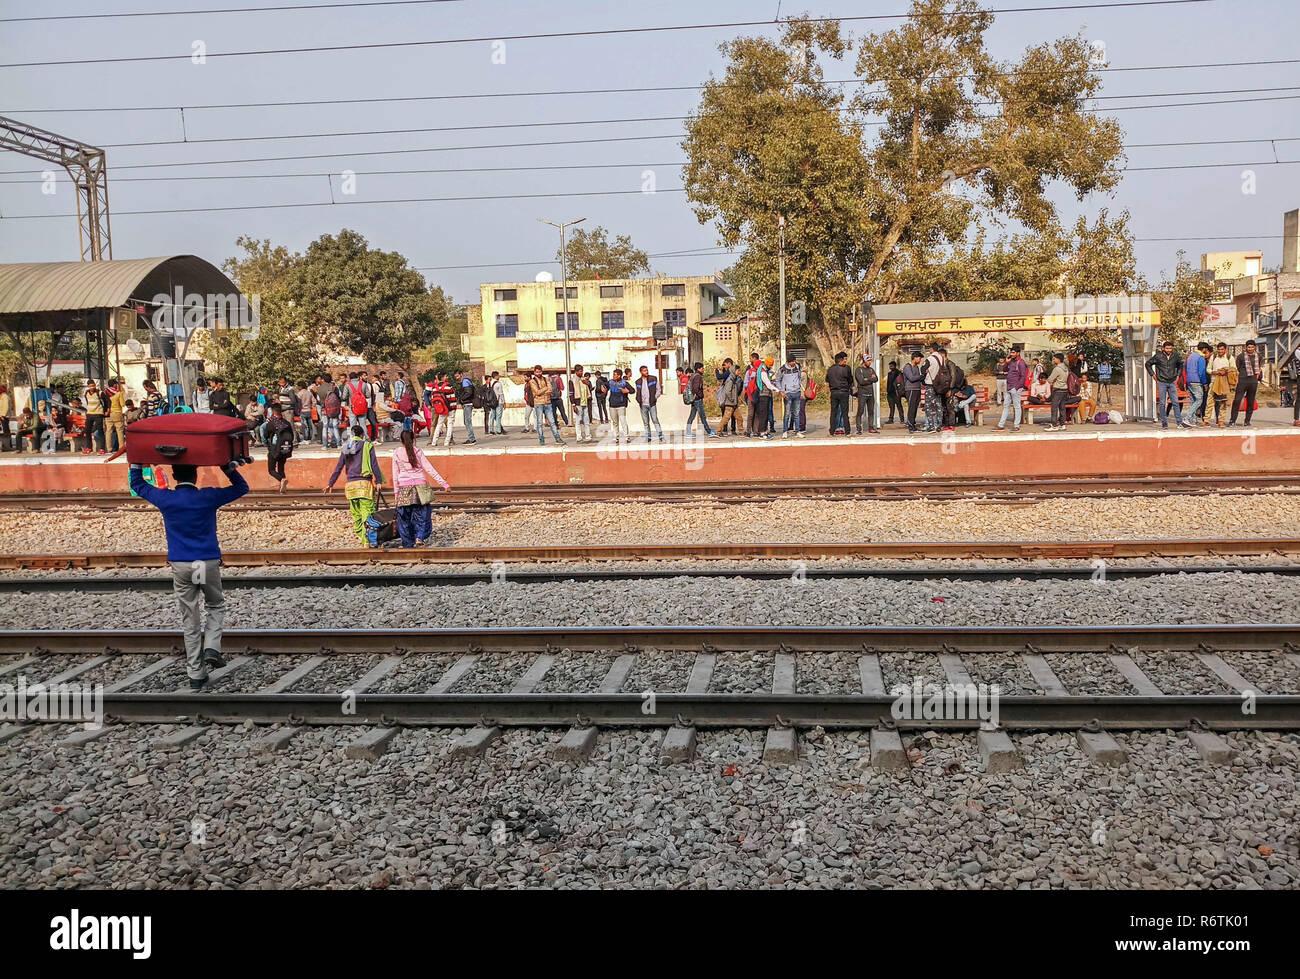 Patiala, Punjab, India  6th Dec, 2018  An Indian passenger seen